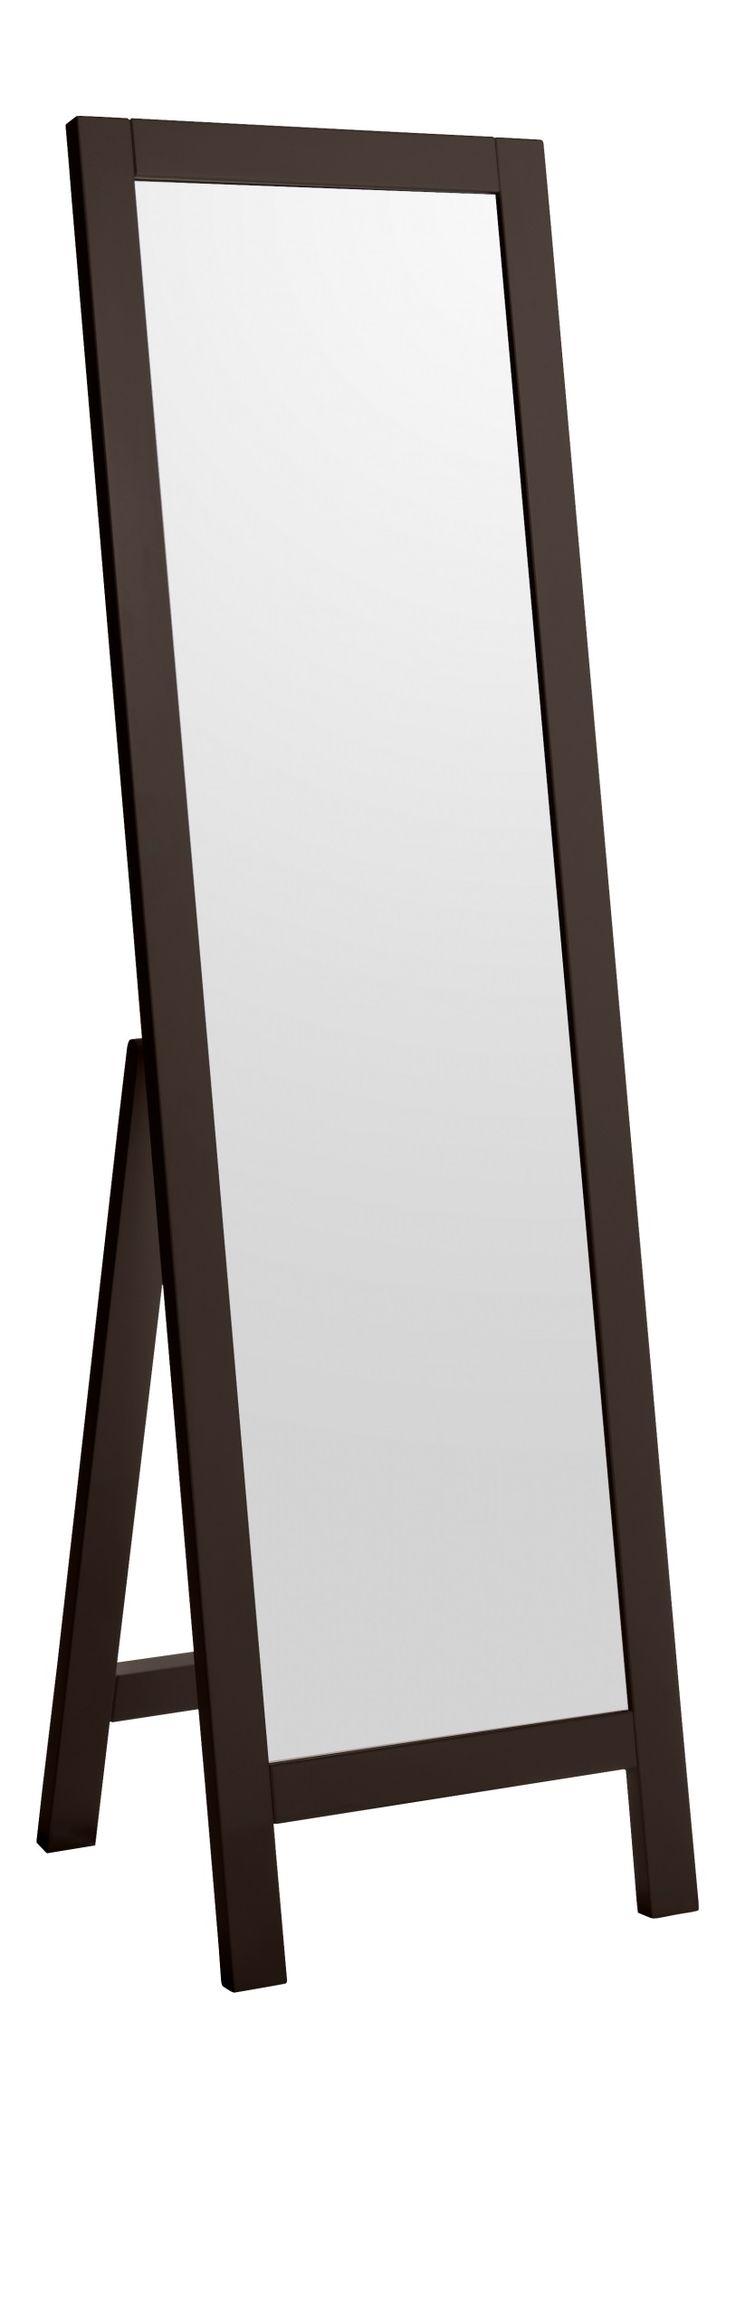 Perouse frittstående speil. Dimensjoner: W55 x H177 x D40cm. Kr. 1975,-